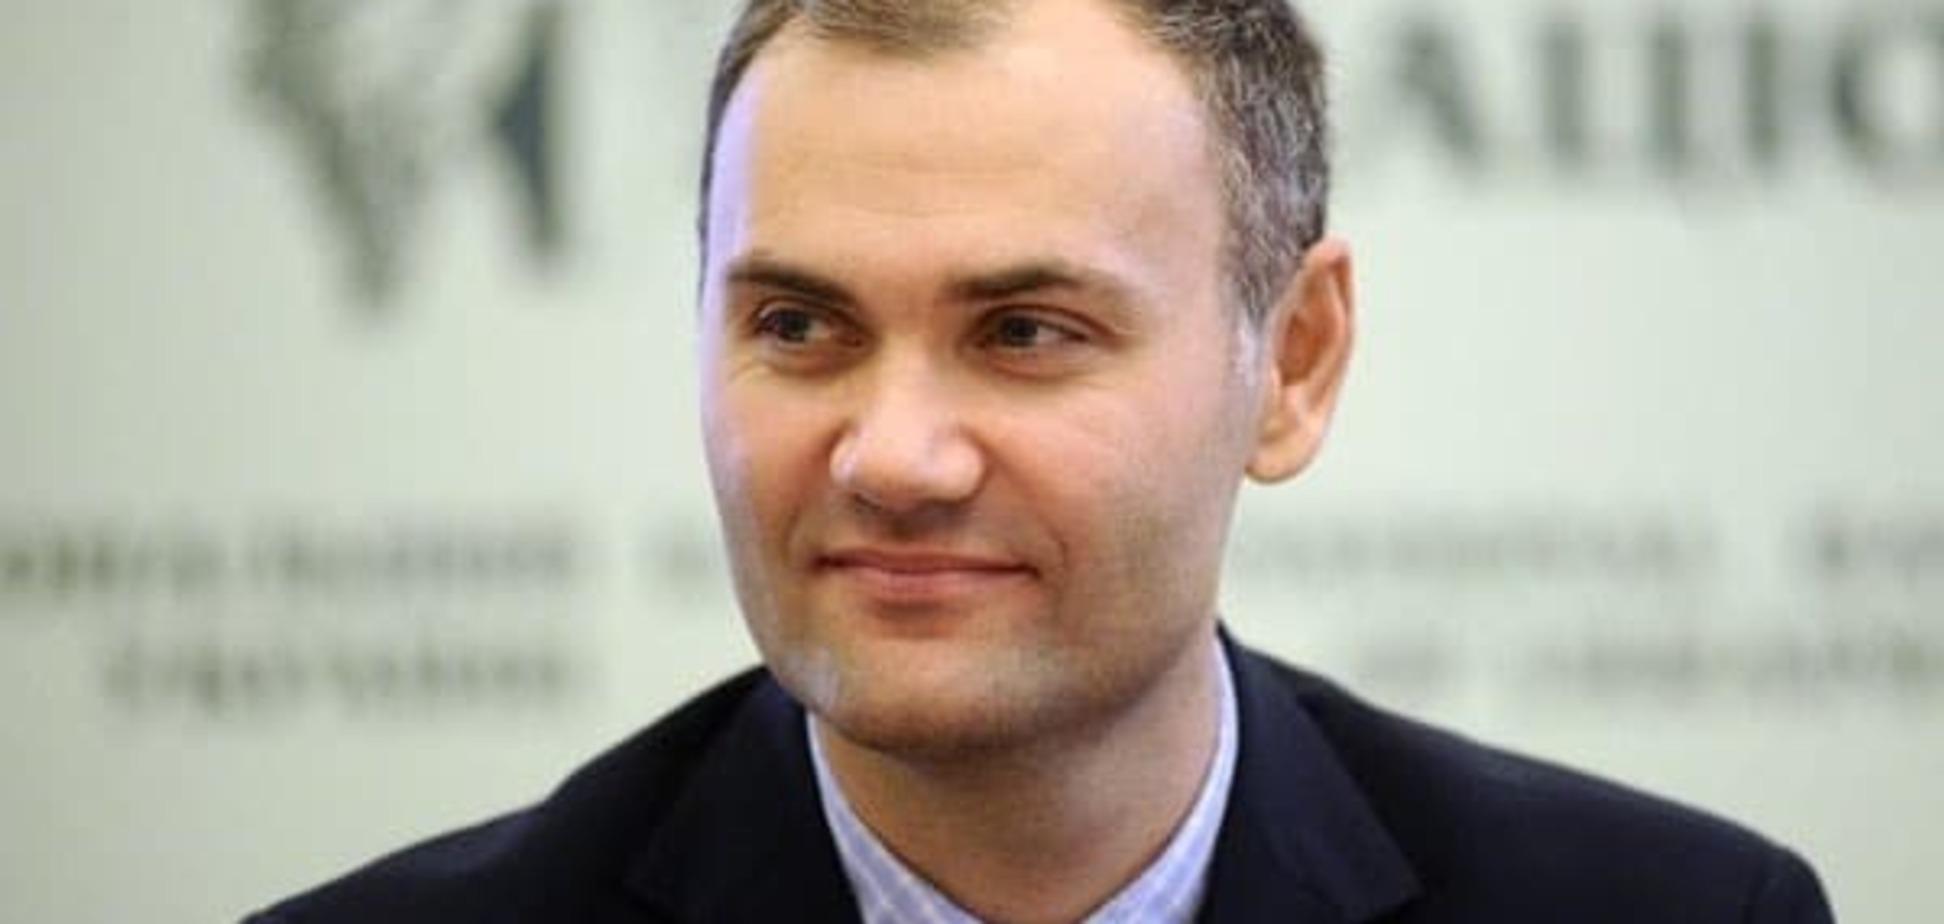 Експерти пояснили, чому Іспанія відмовилася видати Києву екс-міністра фінансів